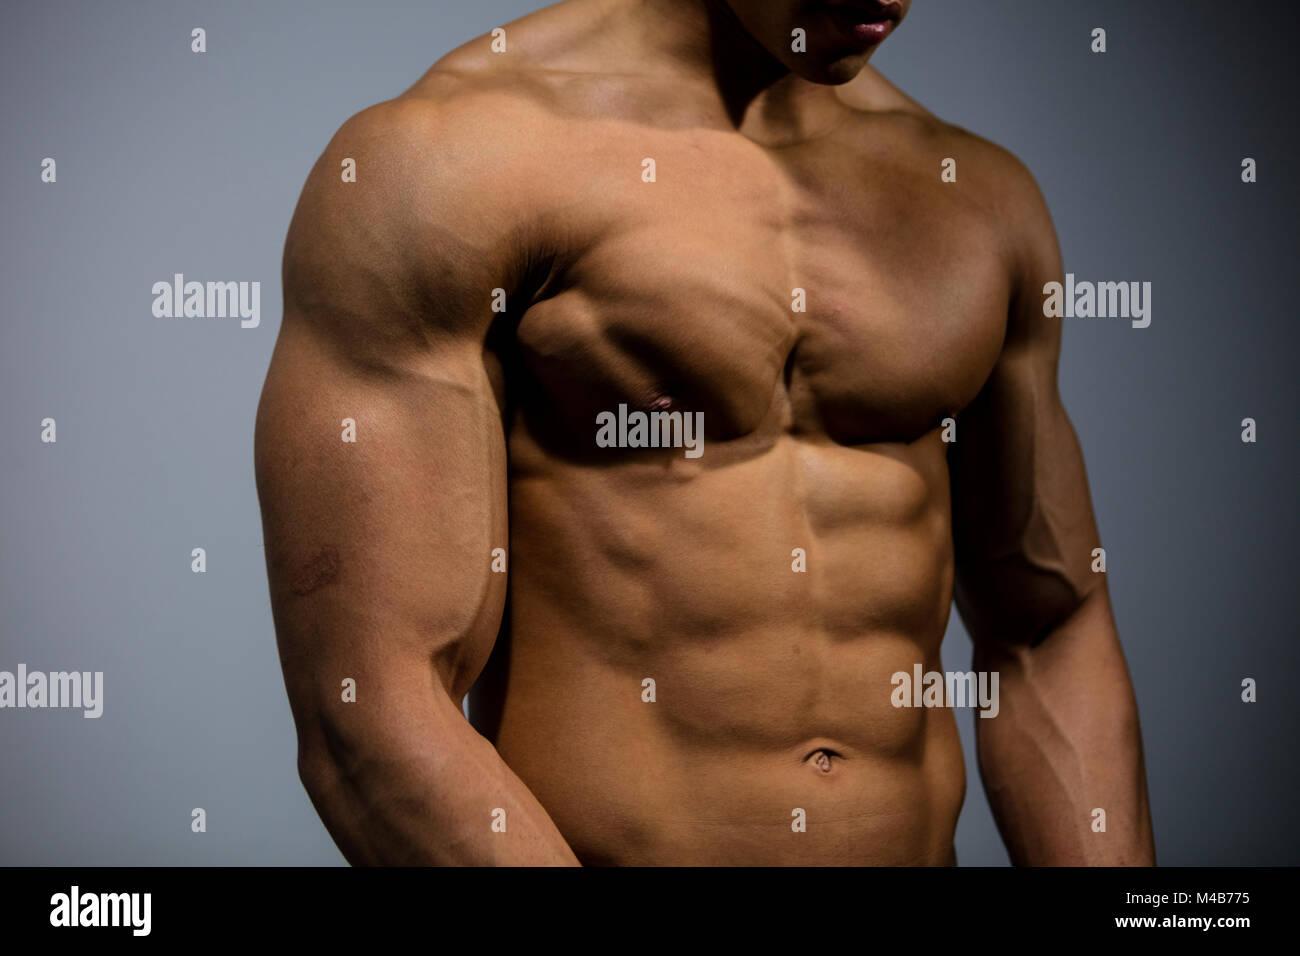 Human Chest Muscles Imágenes De Stock & Human Chest Muscles Fotos De ...